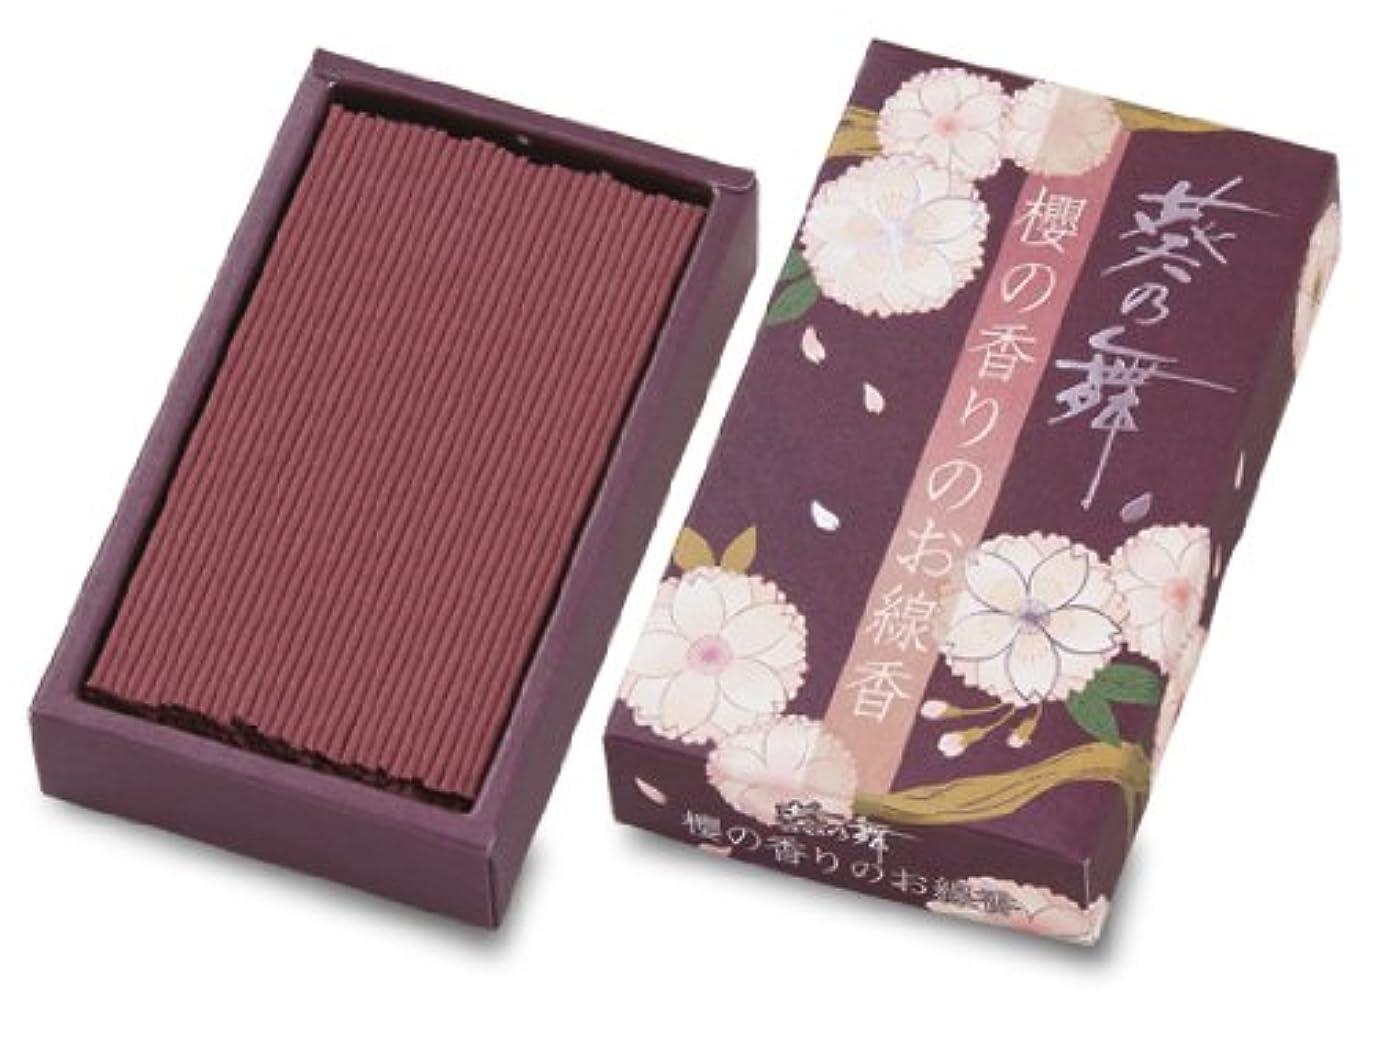 債権者捧げる有効葵乃舞 櫻の香りのお線香 各約130g